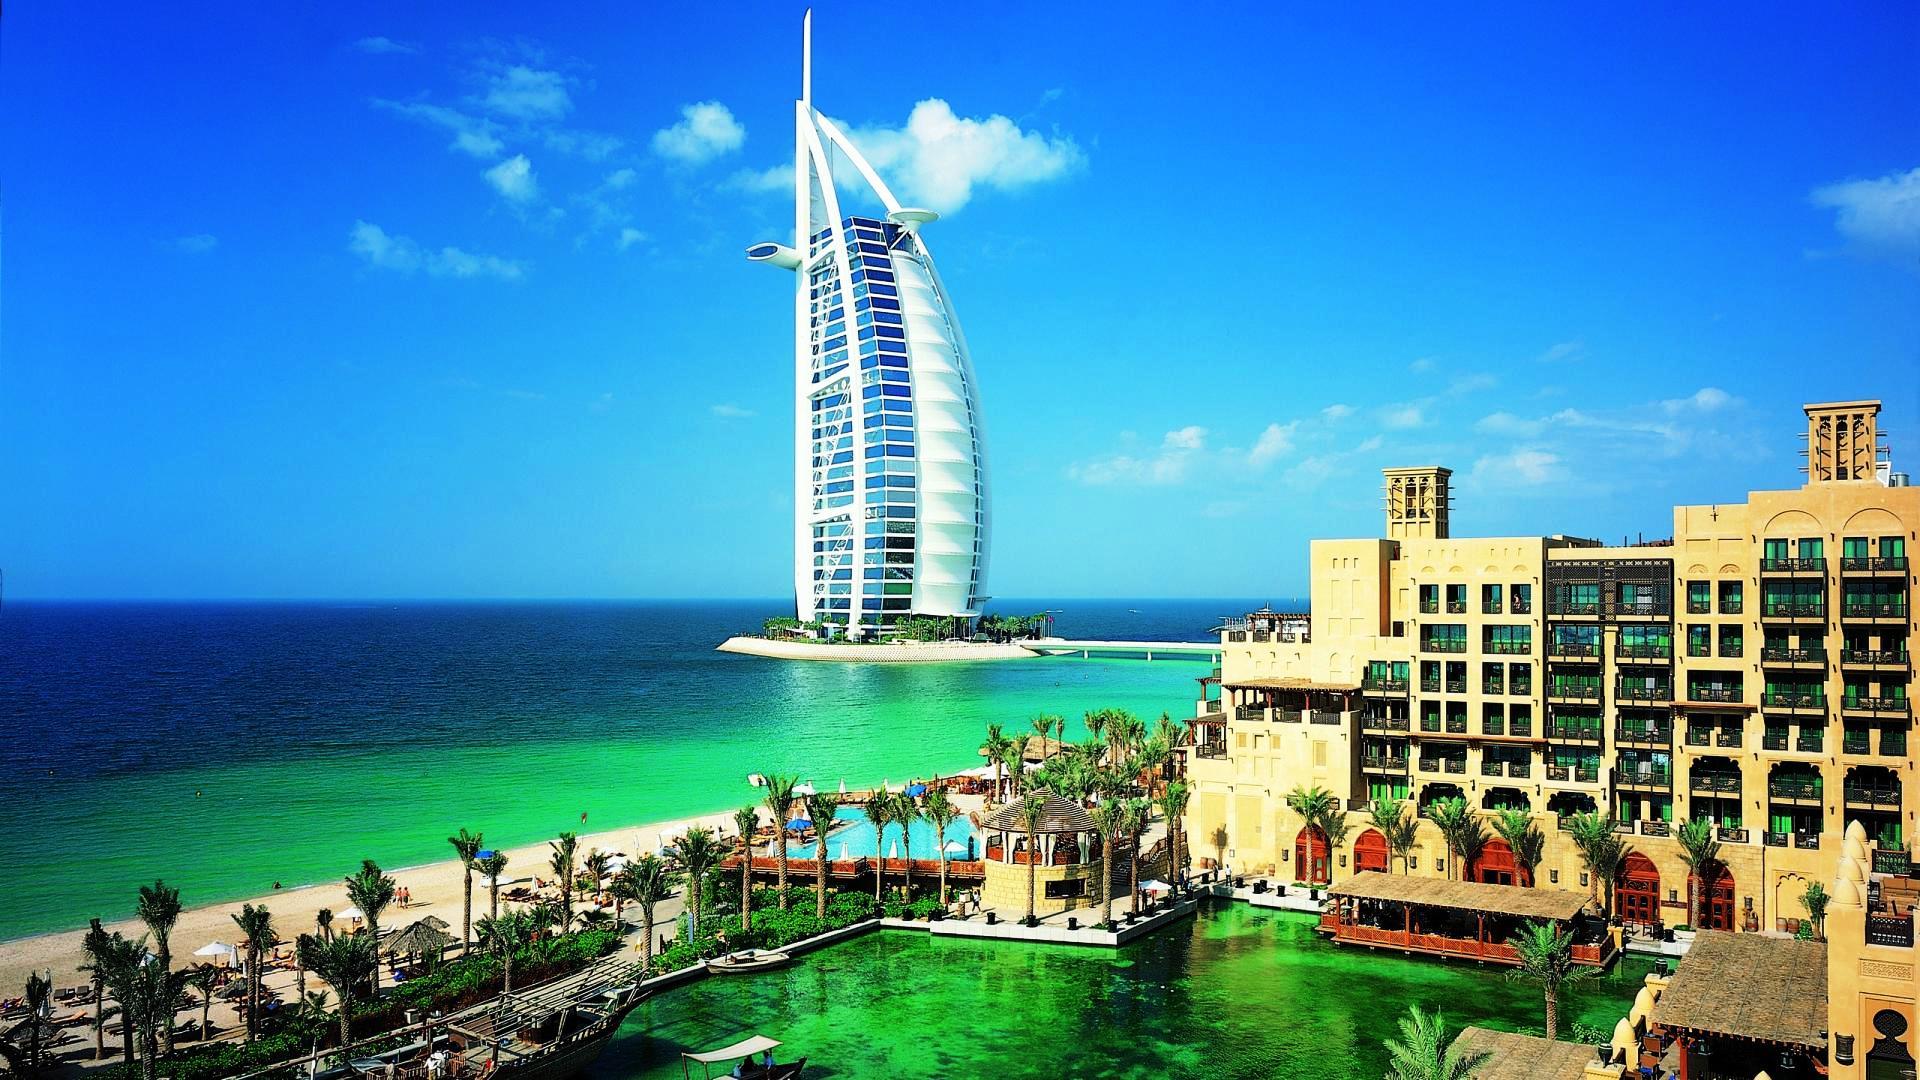 Charter Dubai - Hotel Marina Byblos 4*